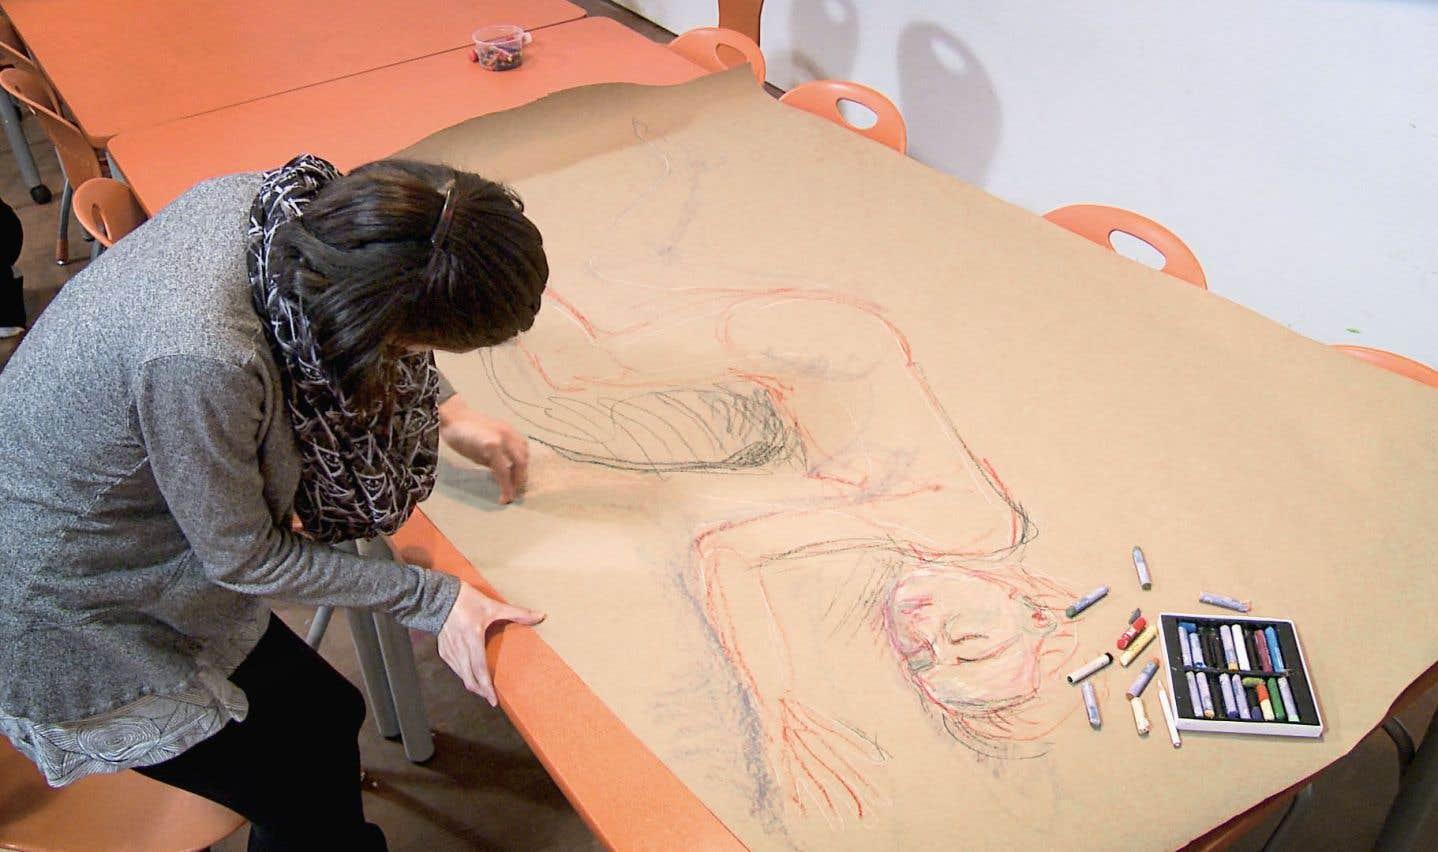 Le programme du Musée des beaux-arts de Montréal, en collaboration avec l'Institut Douglas de l'Institut universitaire de santé mentale Douglas, emploie un art-thérapeute à temps plein, une initiative unique au monde.